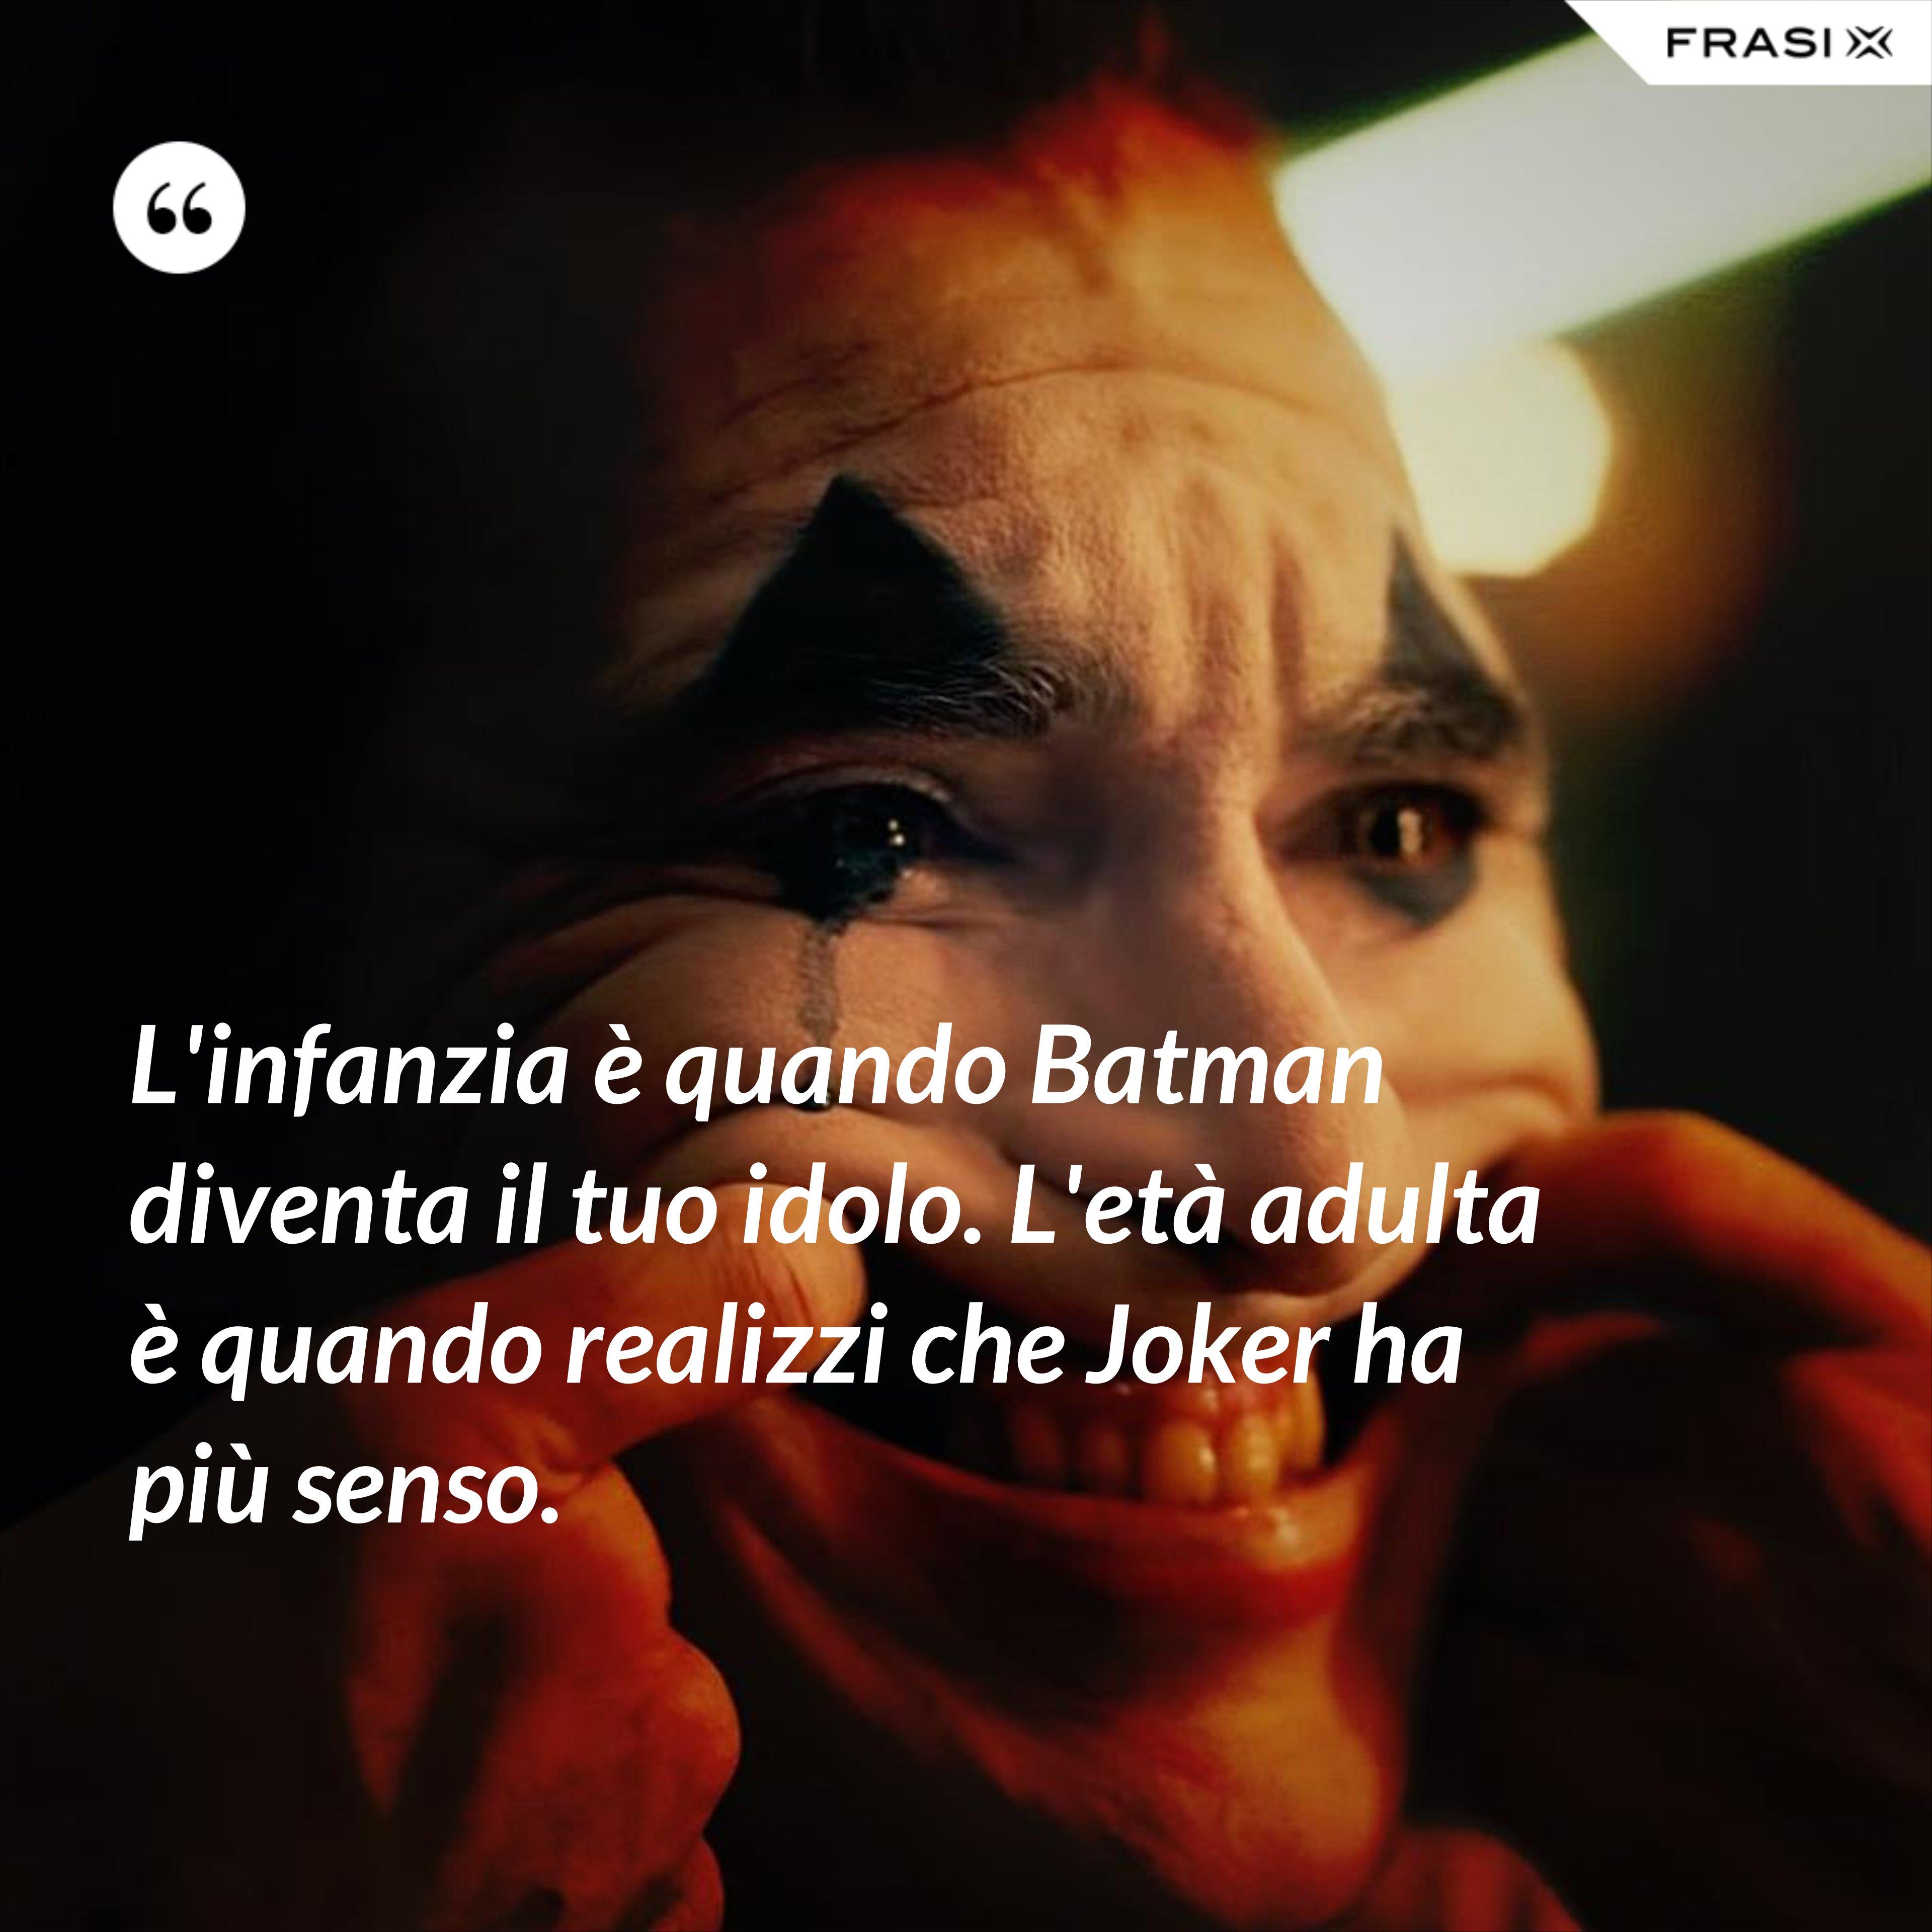 L'infanzia è quando Batman diventa il tuo idolo. L'età adulta è quando realizzi che Joker ha più senso. - Anonimo